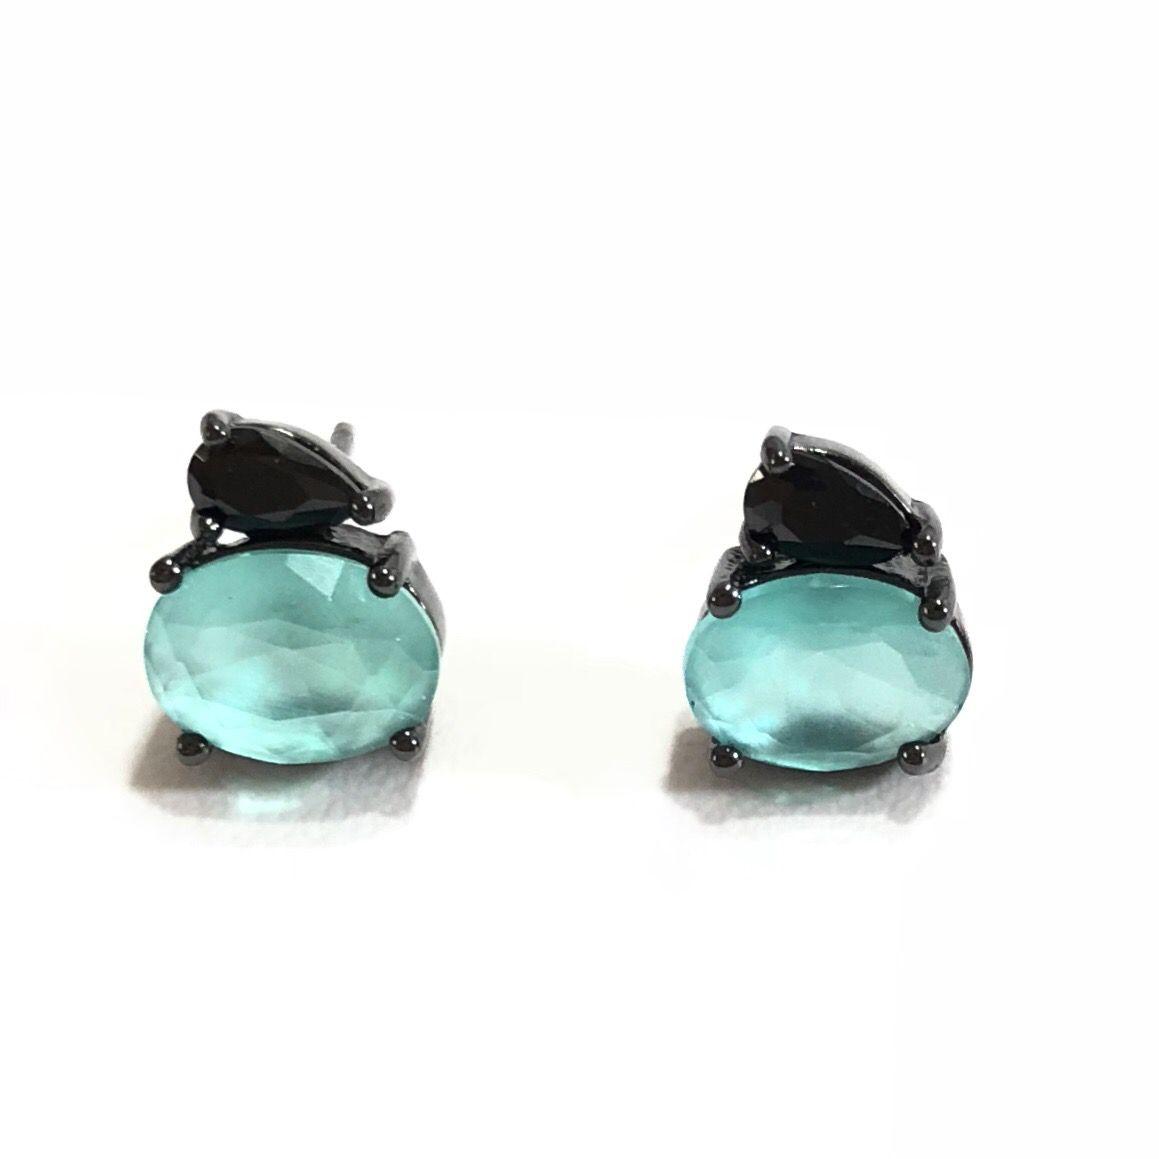 Brinco Em Prata 925 Banho Em Ródio Pedra Azul E Preta